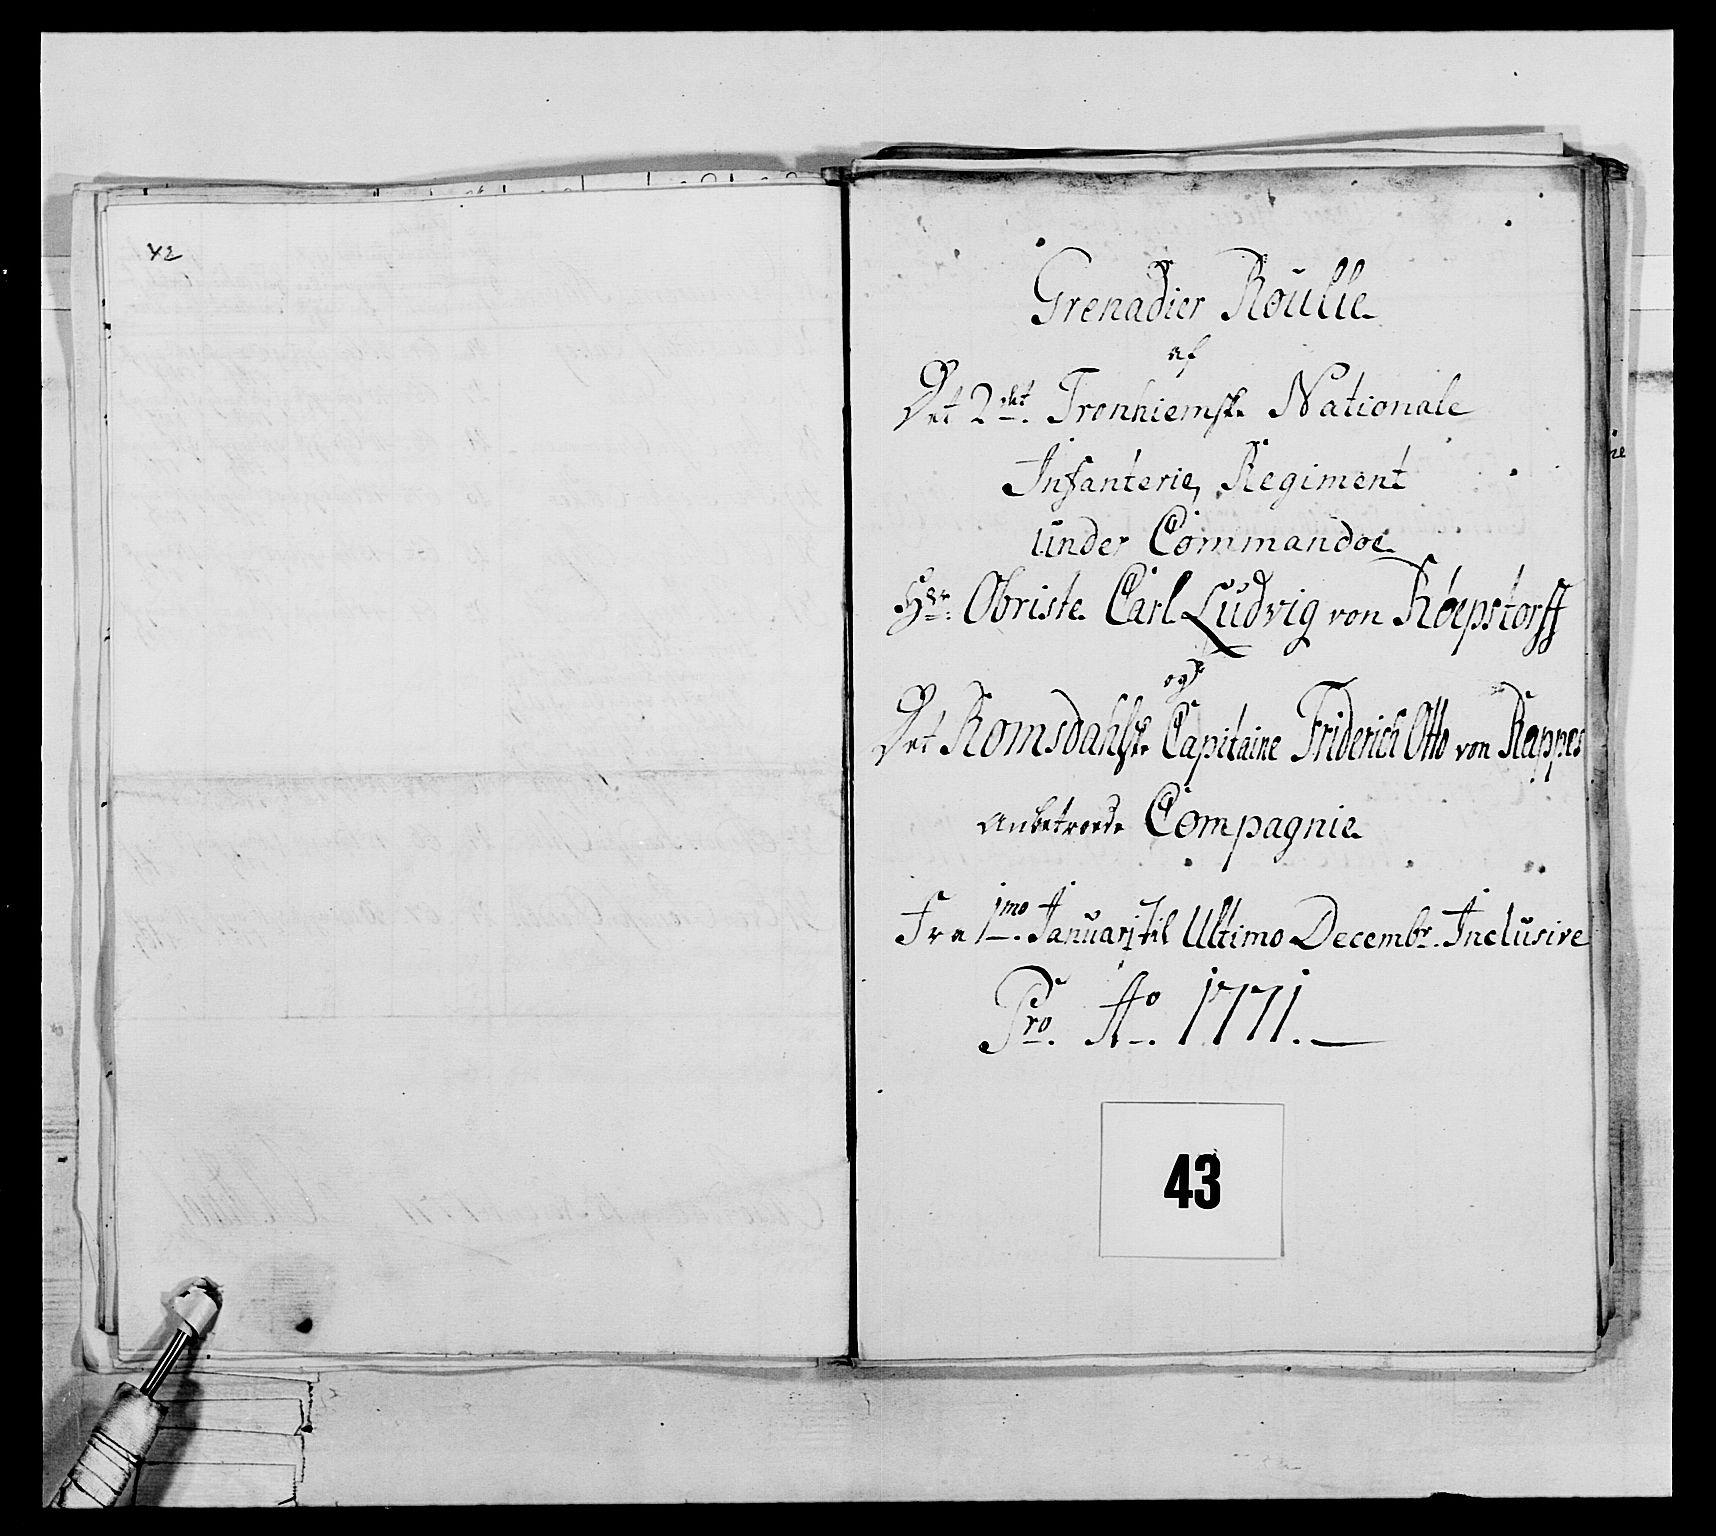 RA, Generalitets- og kommissariatskollegiet, Det kongelige norske kommissariatskollegium, E/Eh/L0076: 2. Trondheimske nasjonale infanteriregiment, 1766-1773, s. 135